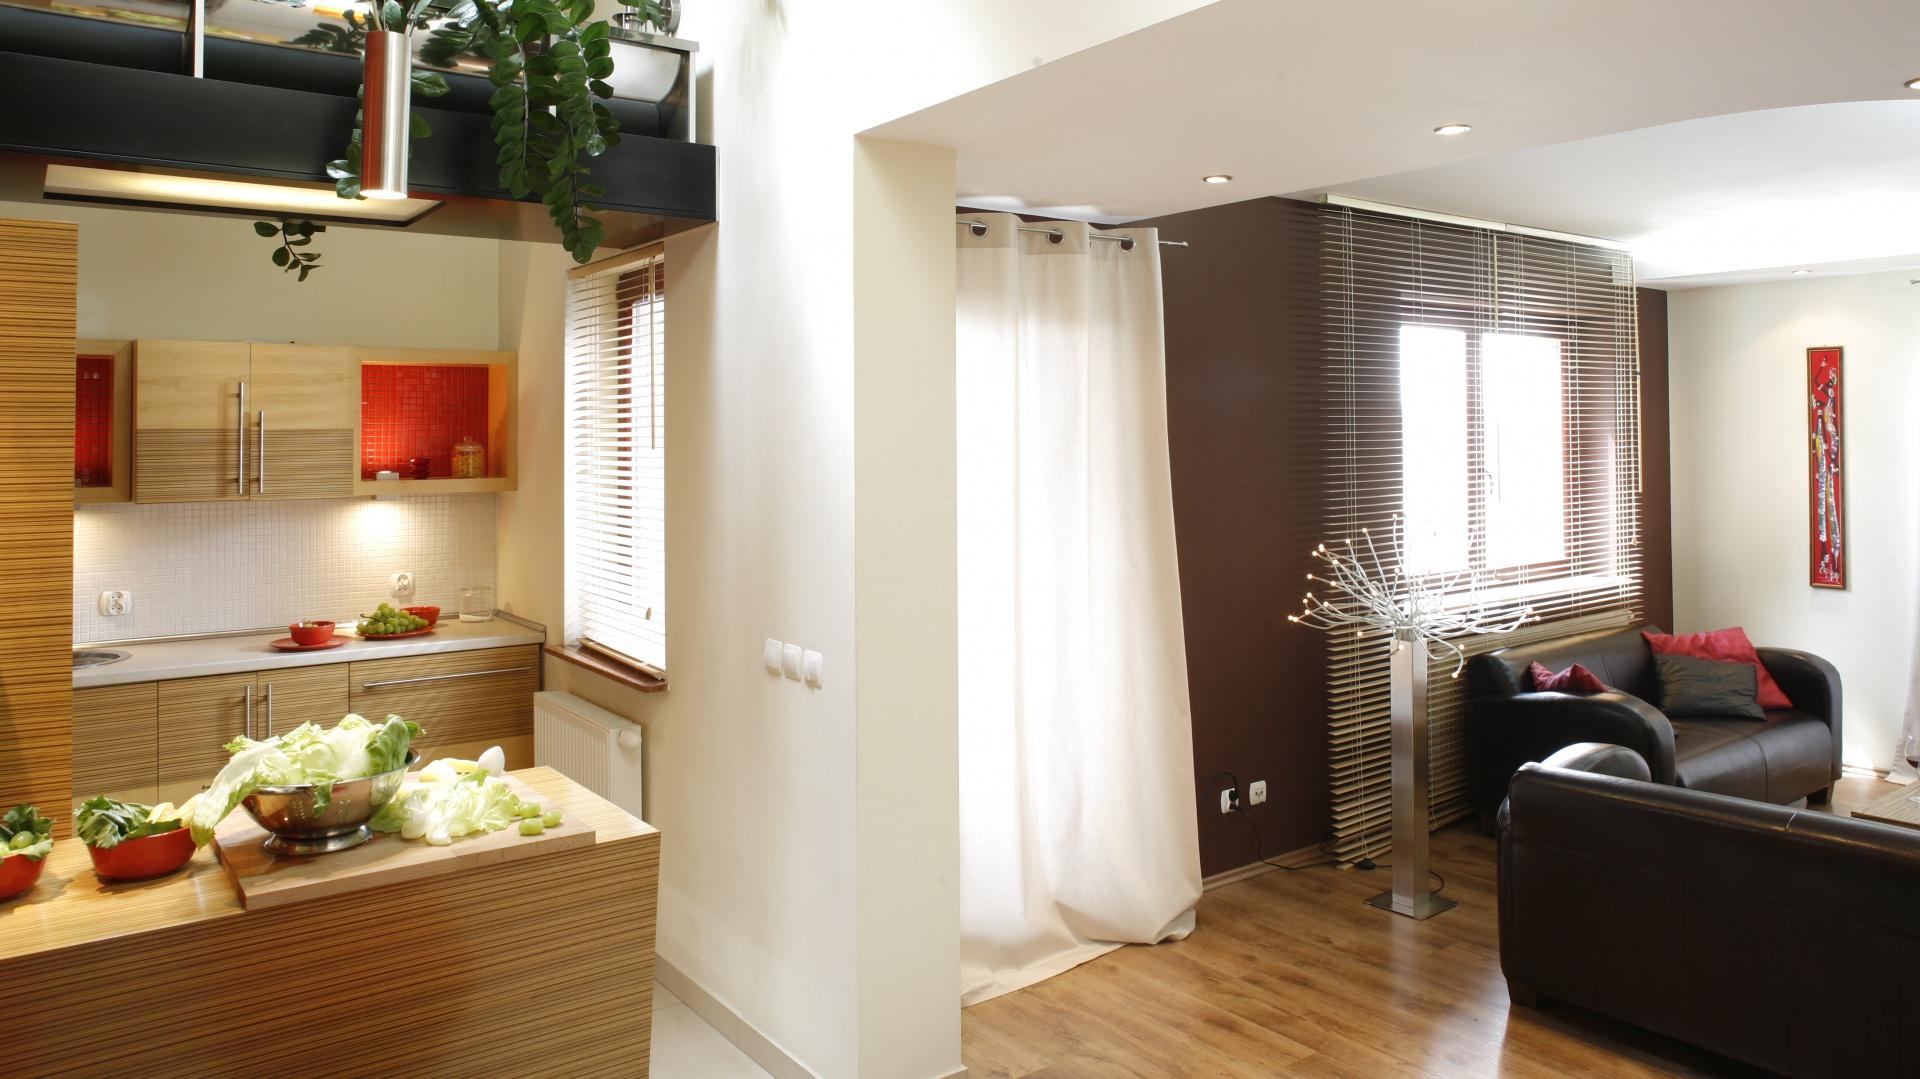 Z mocnym kolorem nie należy przesadzać, dlatego większość ścian w mieszkaniu jest biała. Projekt: InsideLab. Fot. Bartosz Jarosz.